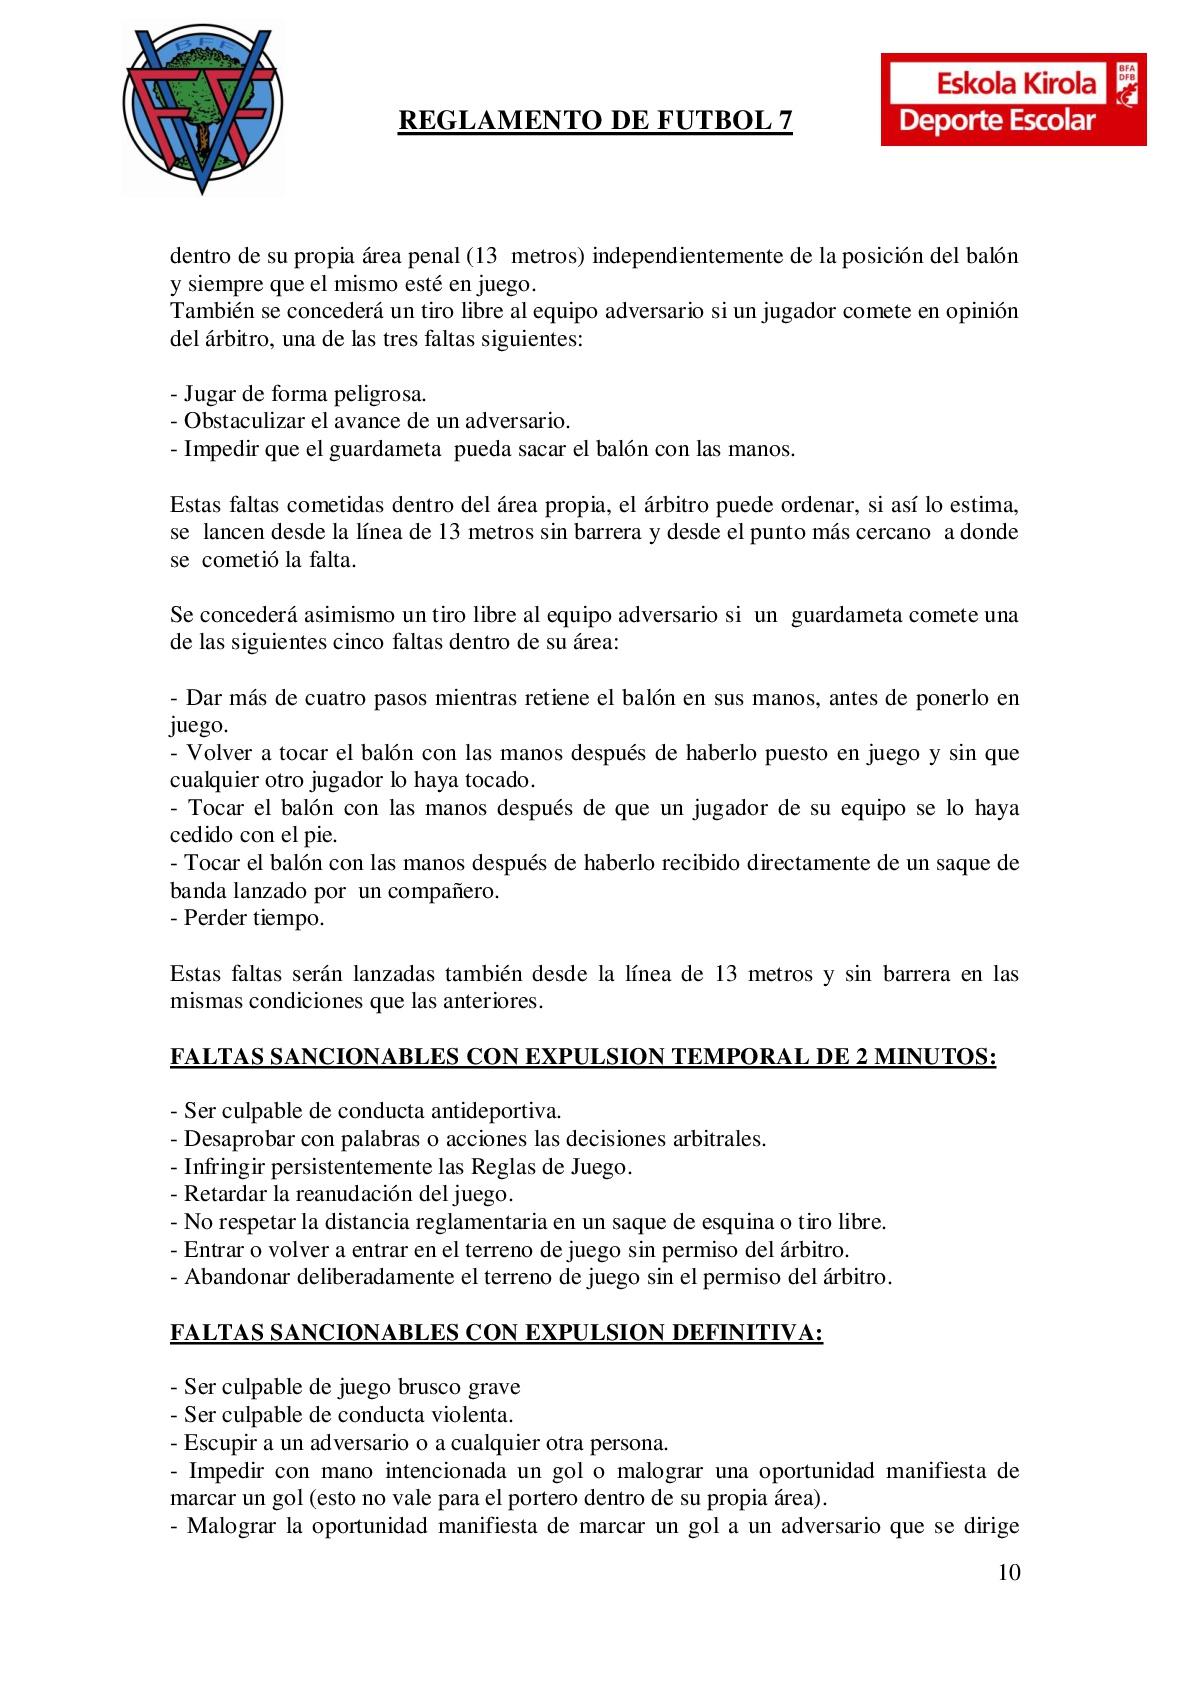 Reglamento-F7-010